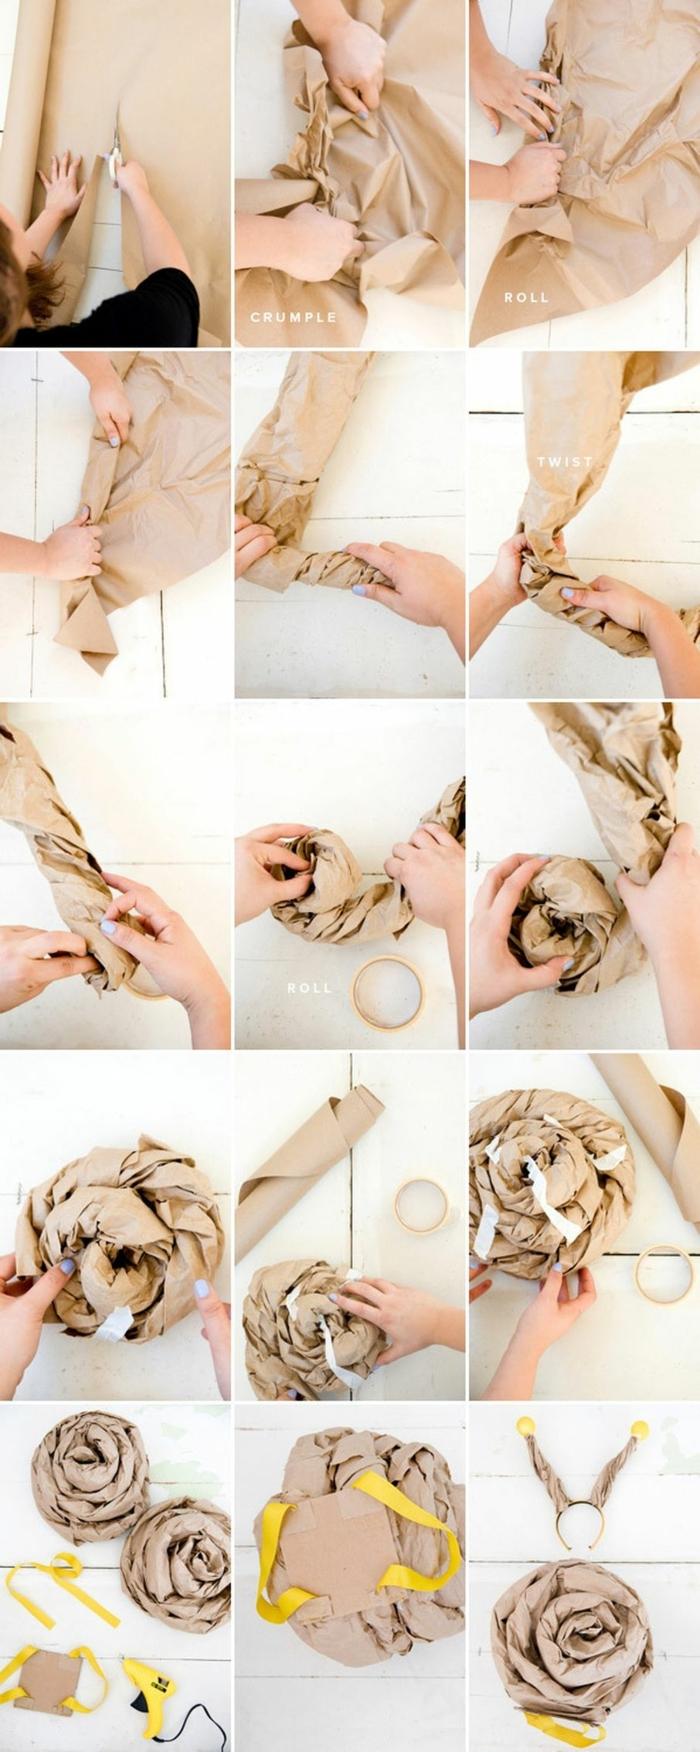 Kinder Faschingskostüme. DIY Anleitung für das Schneckenhaus aus Karaftpapier, Schritt für Schritt Anweisung